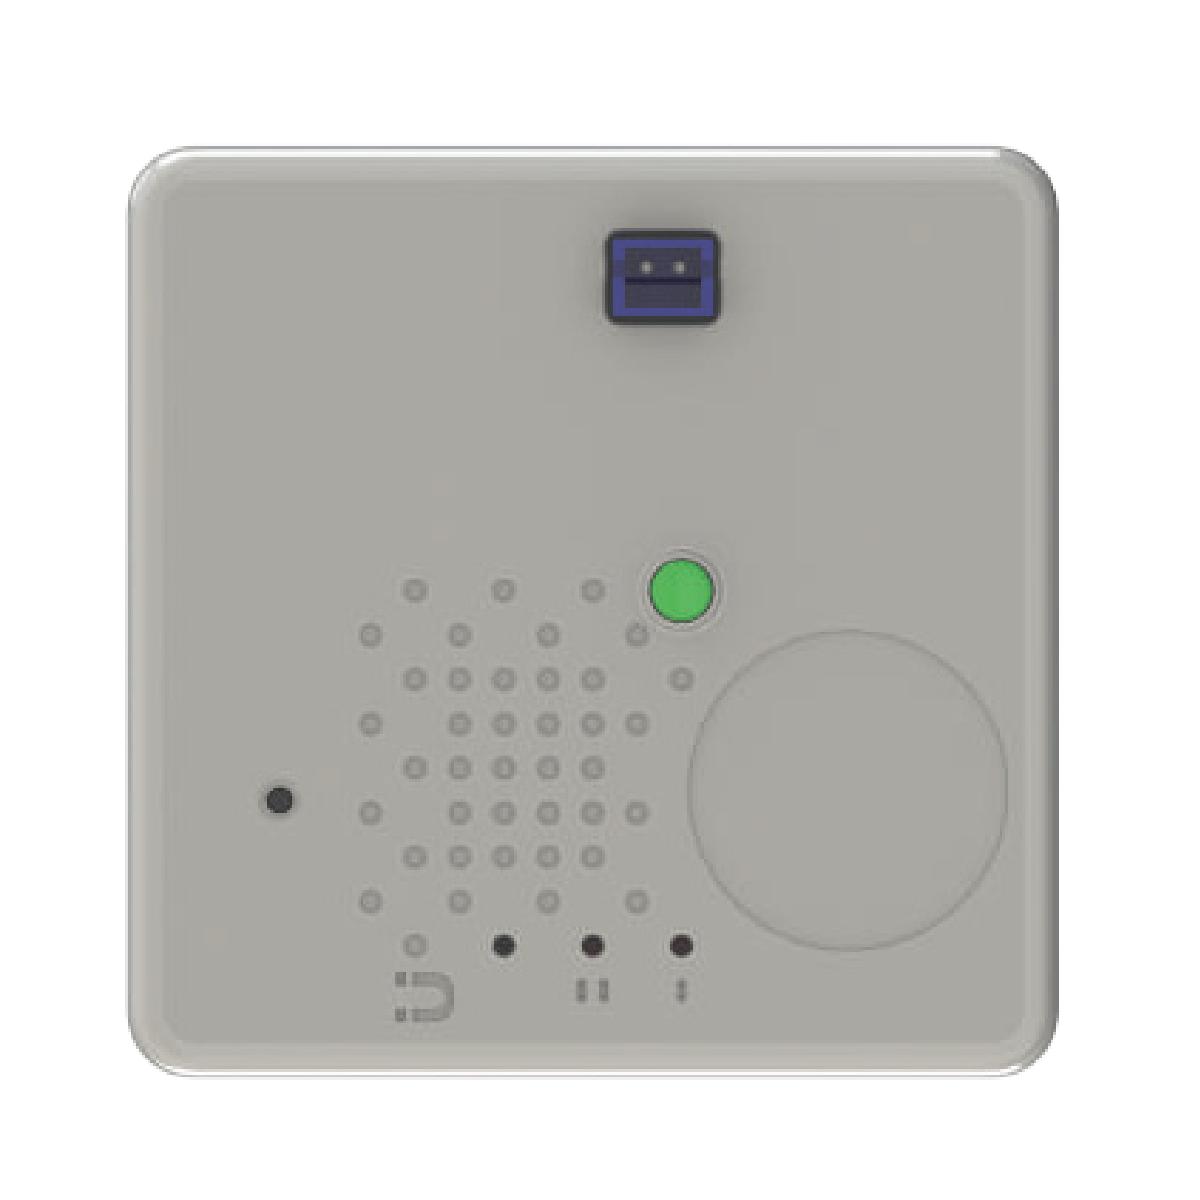 sens418 Tektelic Smart Room Sensor